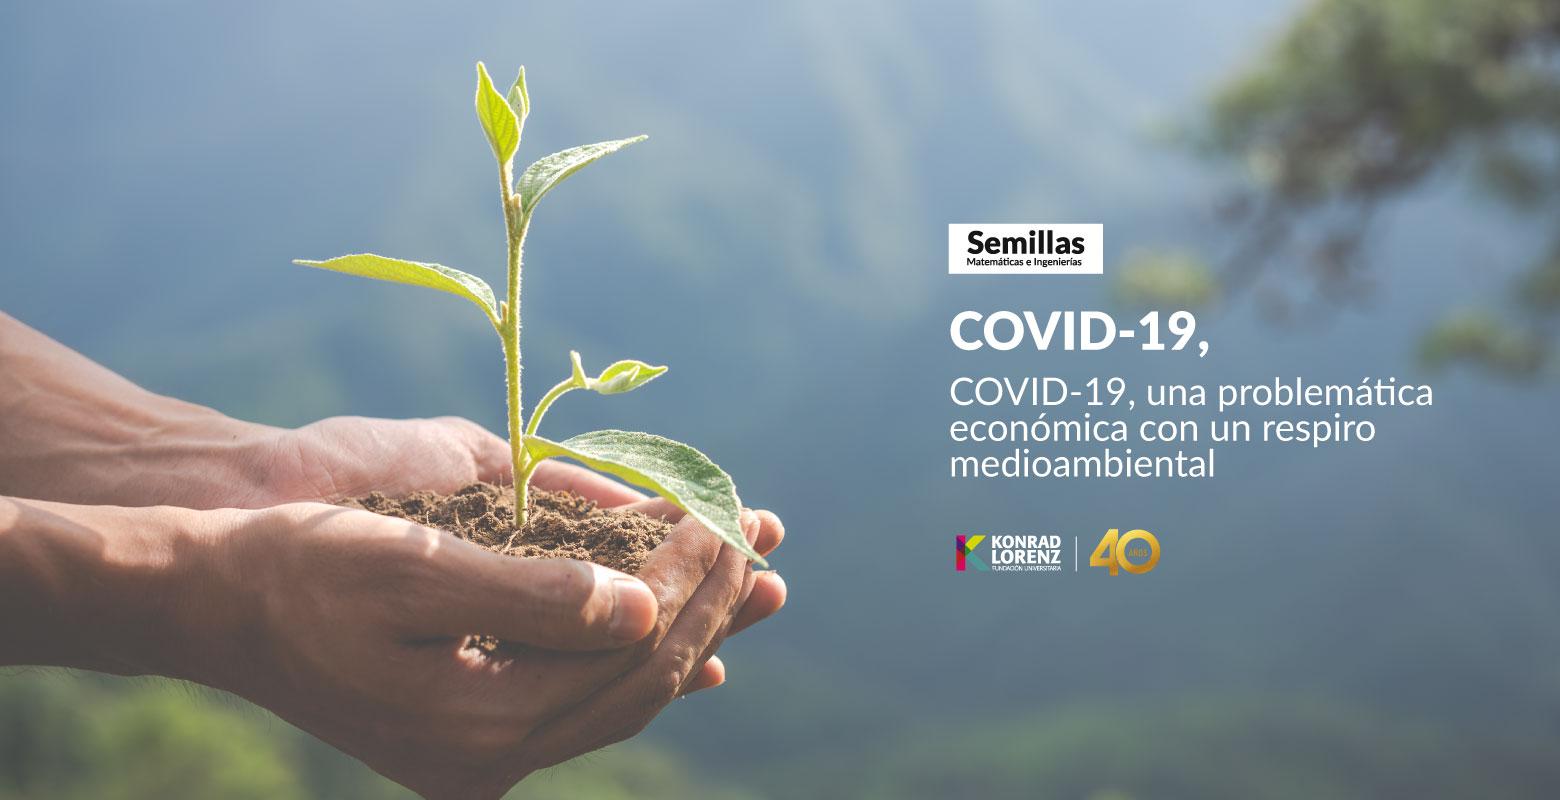 COVID-19, una problemática económica con un respiro medioambiental